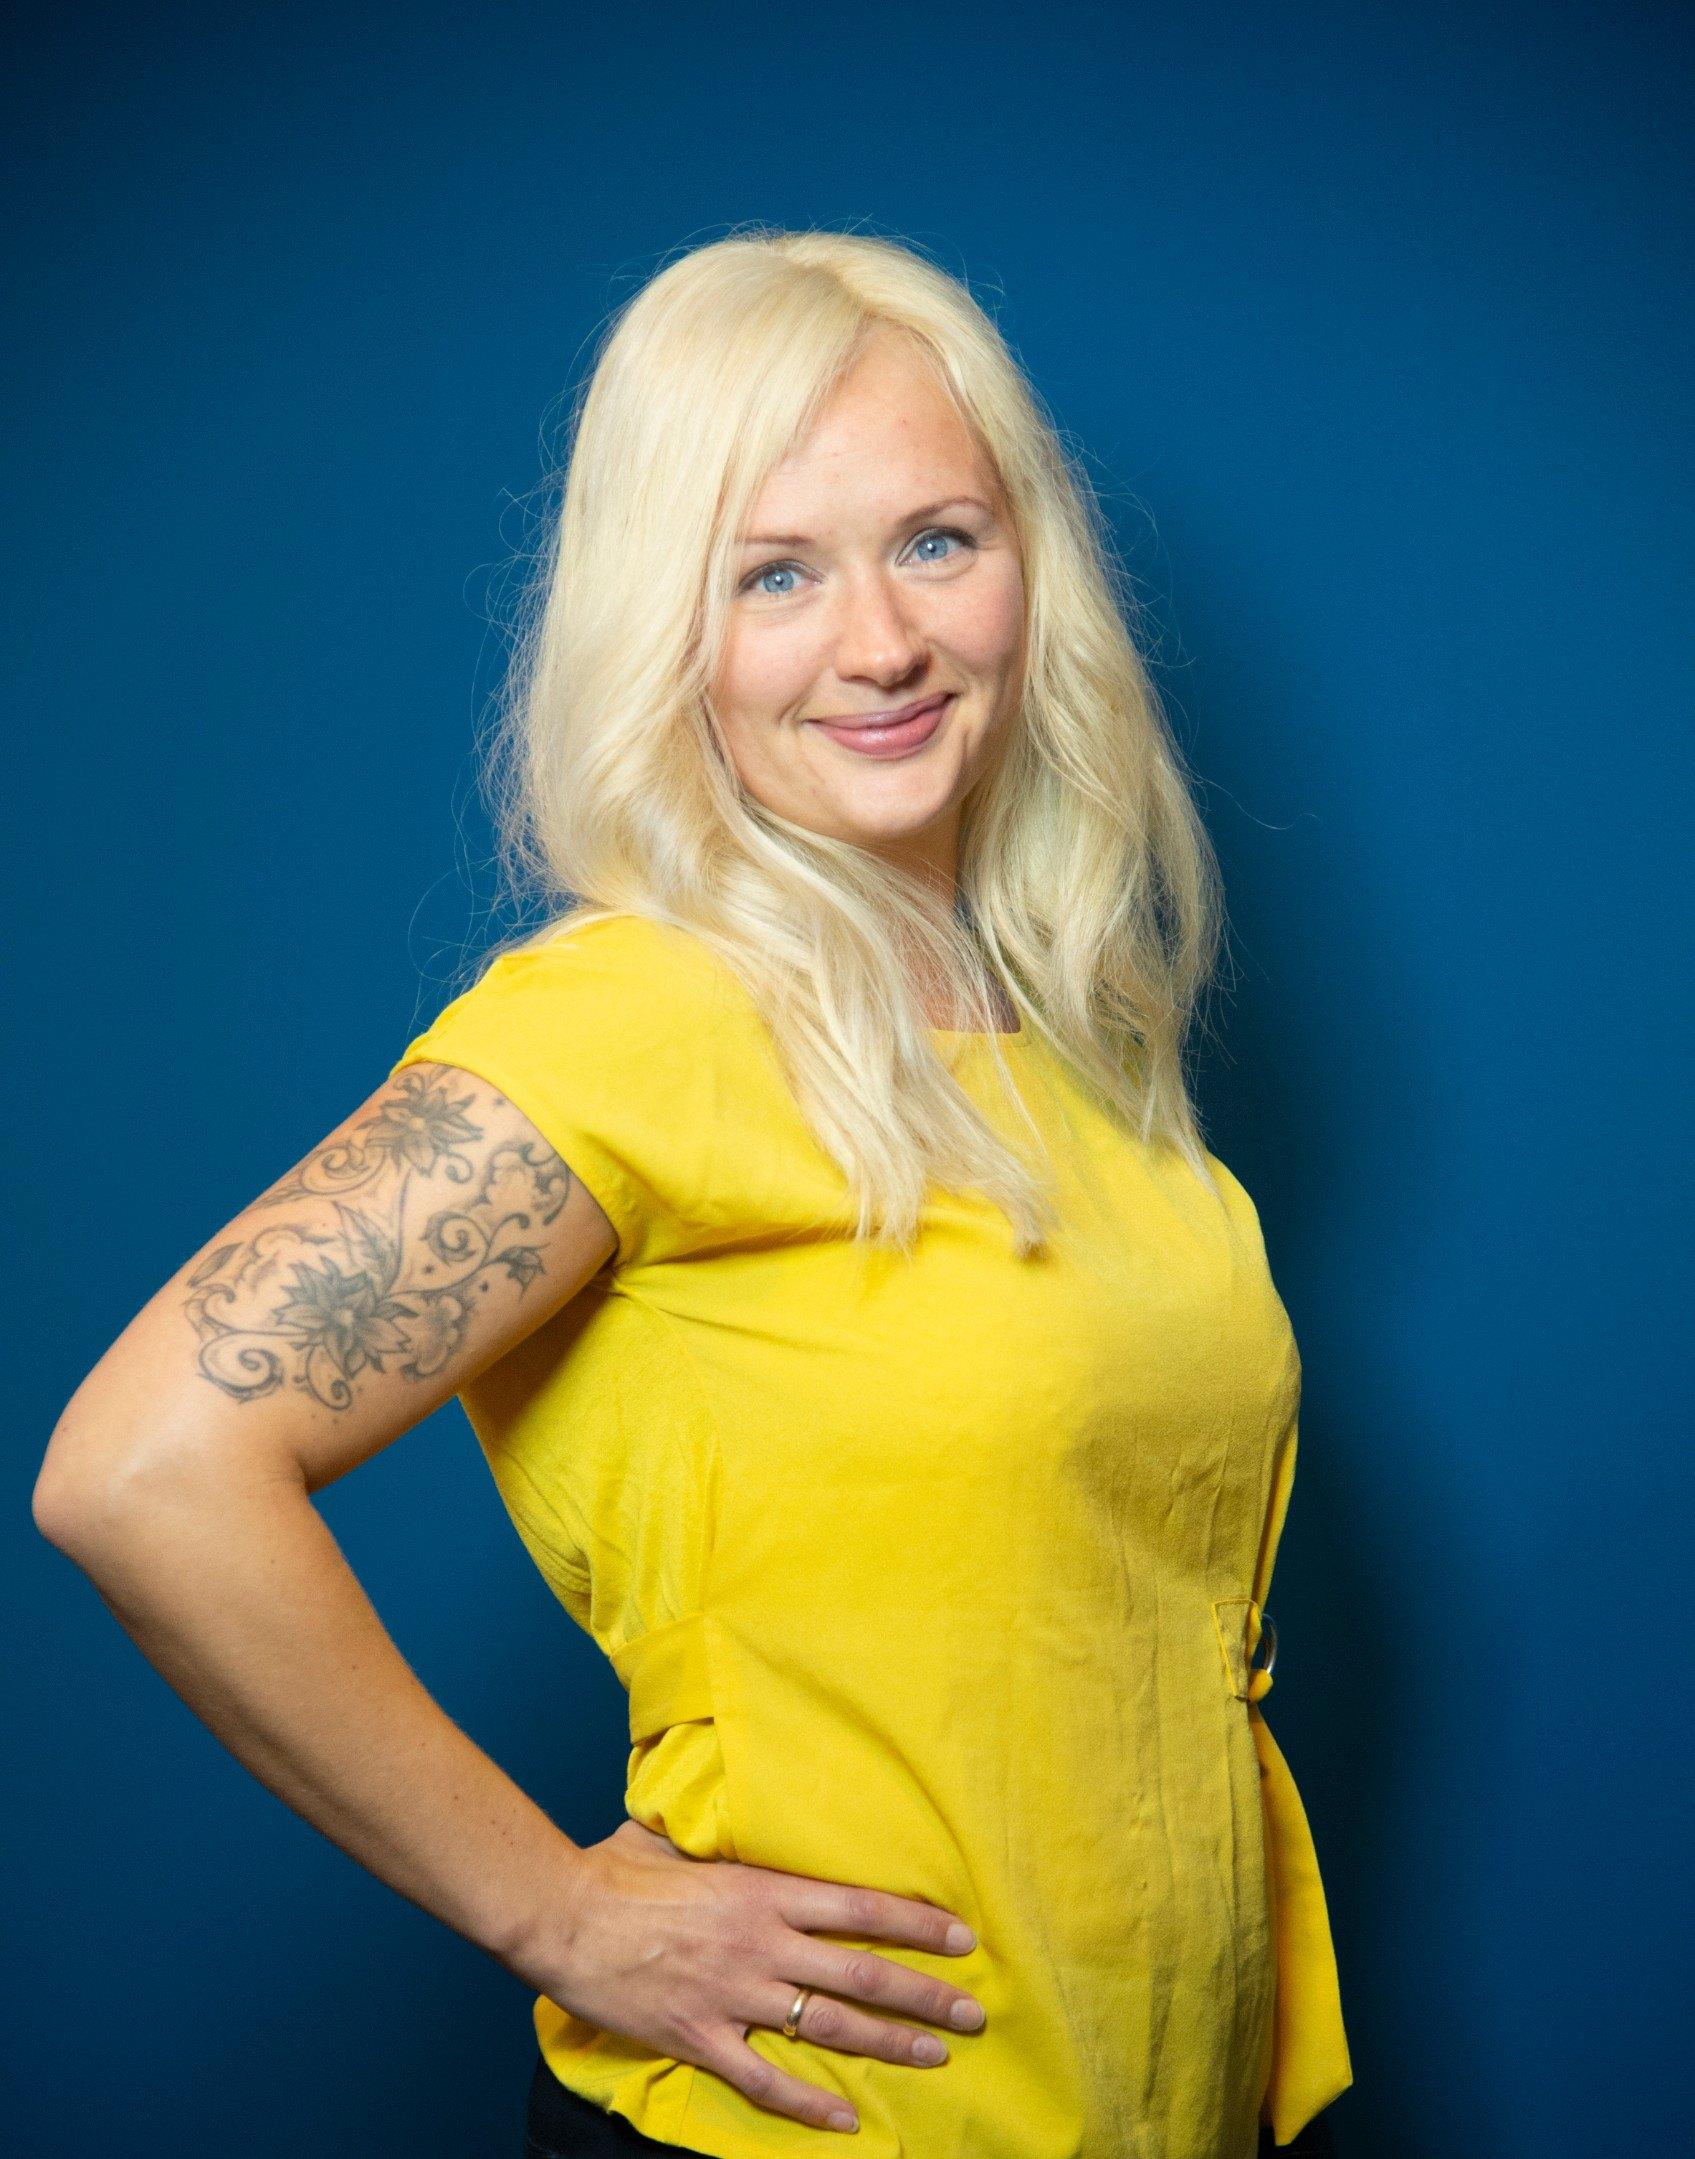 Kvinne i gul topp med lyst hår som bruker hårdel